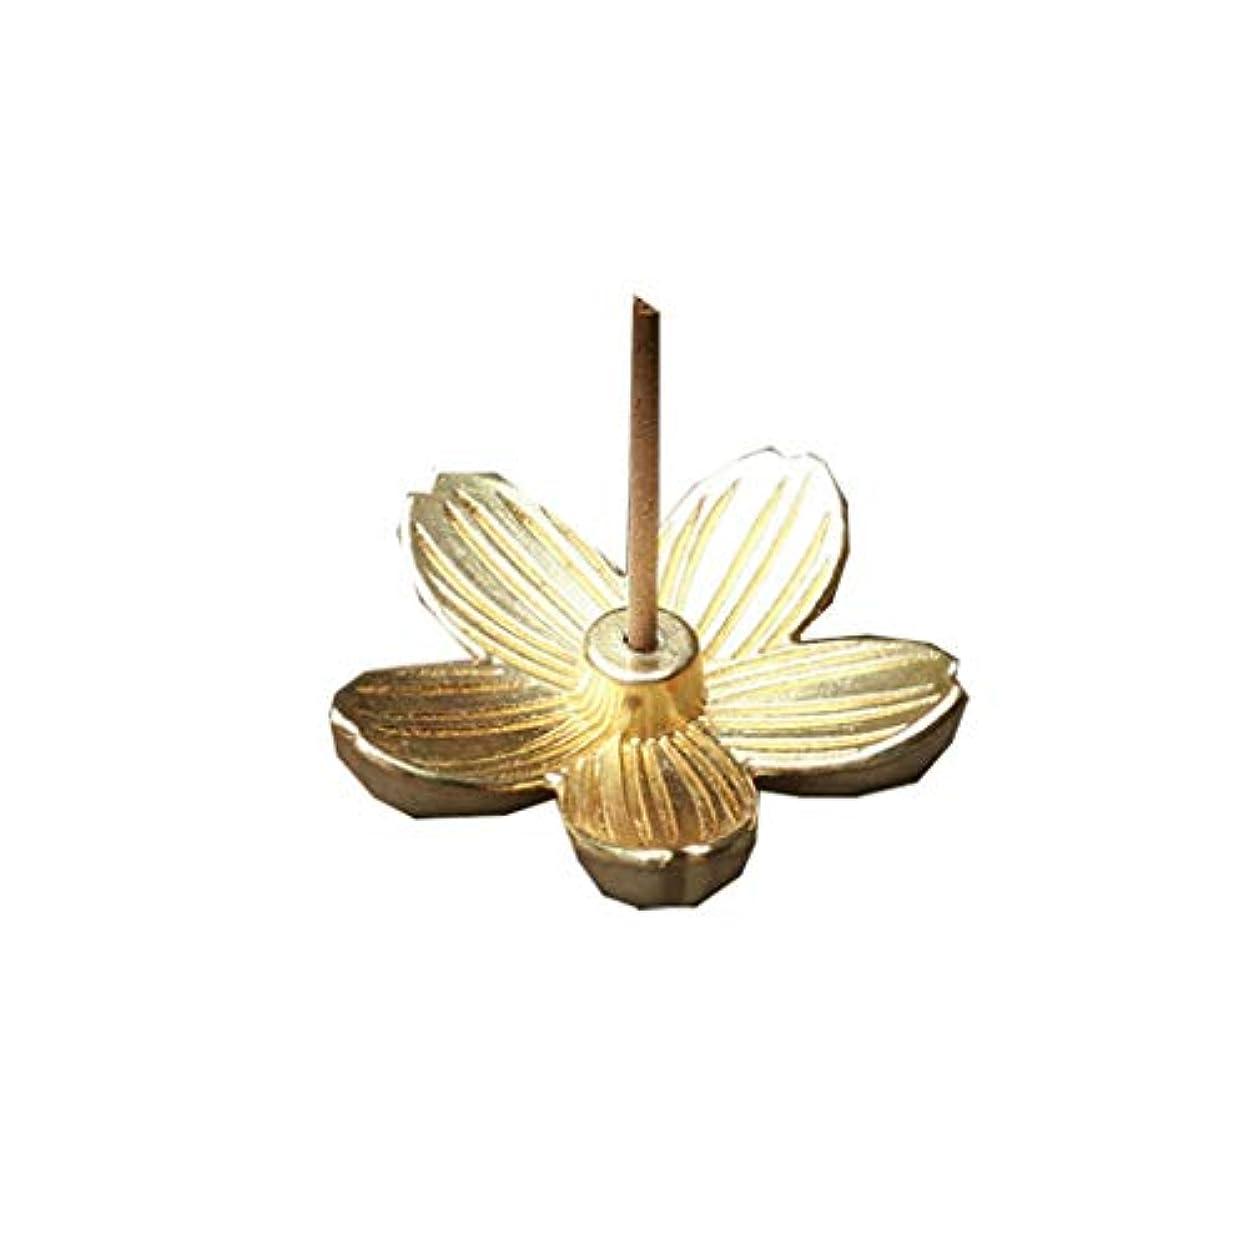 原因ぬれたあえぎクリエイティブヴィンテージ銅アートさくら型の香炉香スティックコーンホルダーホーム仏教の装飾誕生日お香ホルダー (Color : Gold, サイズ : 1.14*1.14inchs)